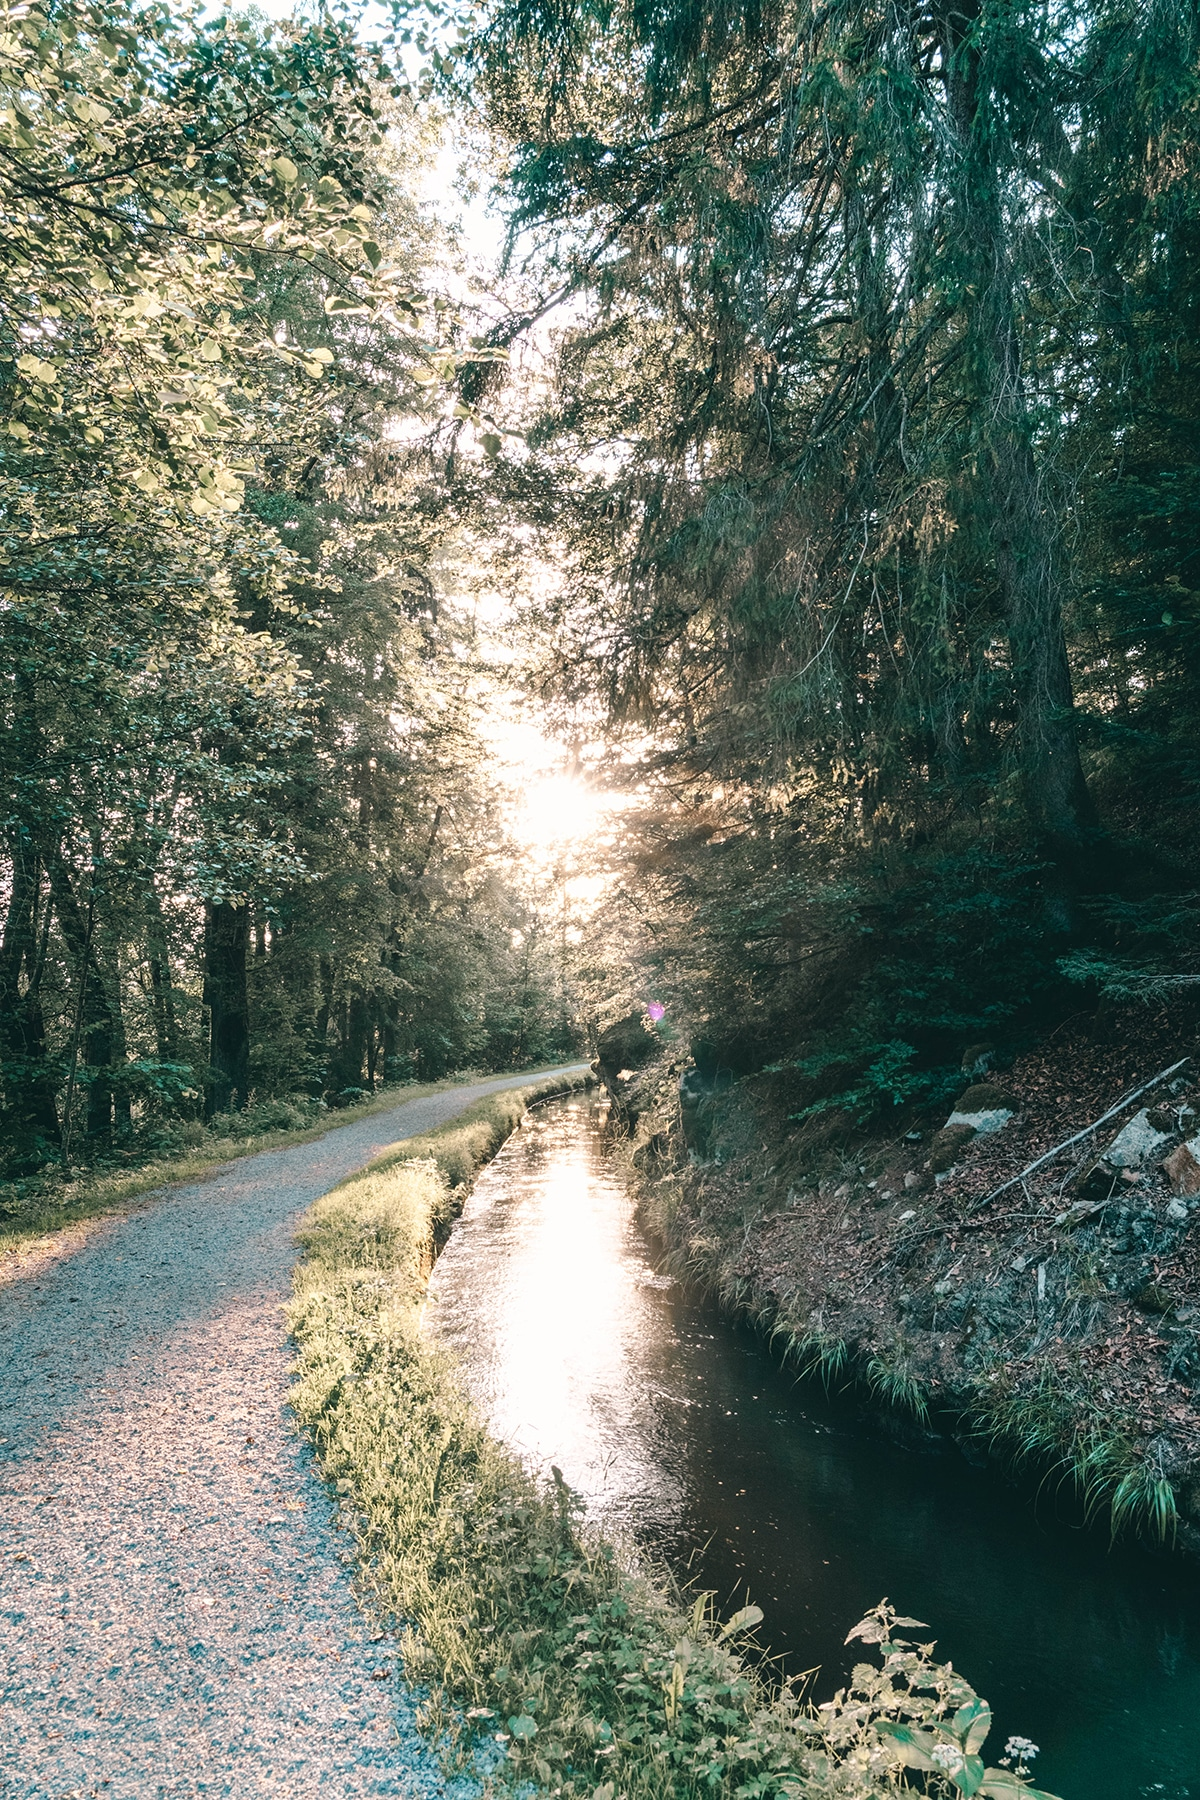 saussbachklamm-kanal-wald